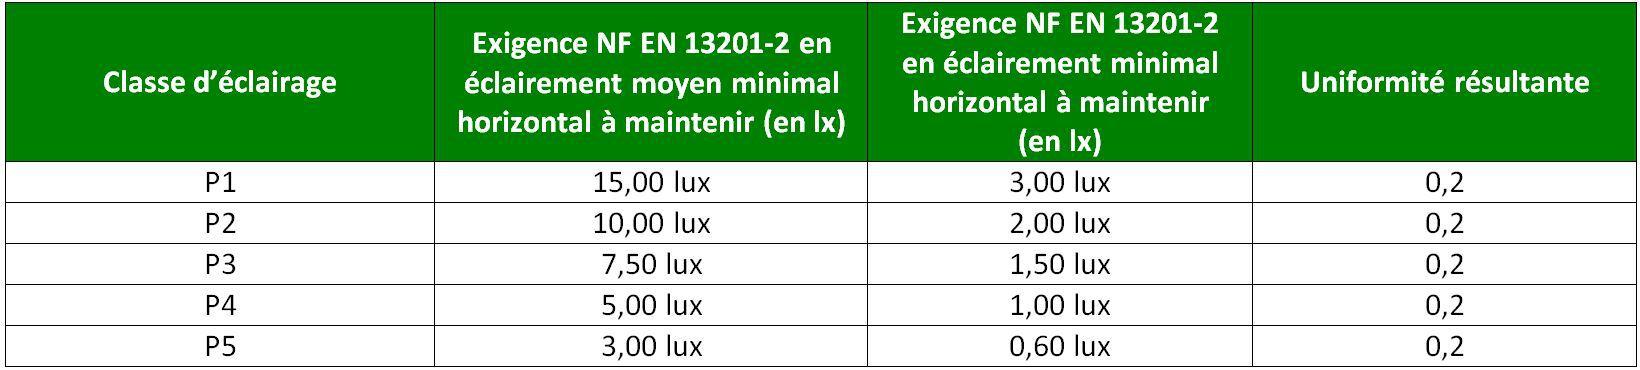 Uniformité générale d'éclairement et NF-13201-2